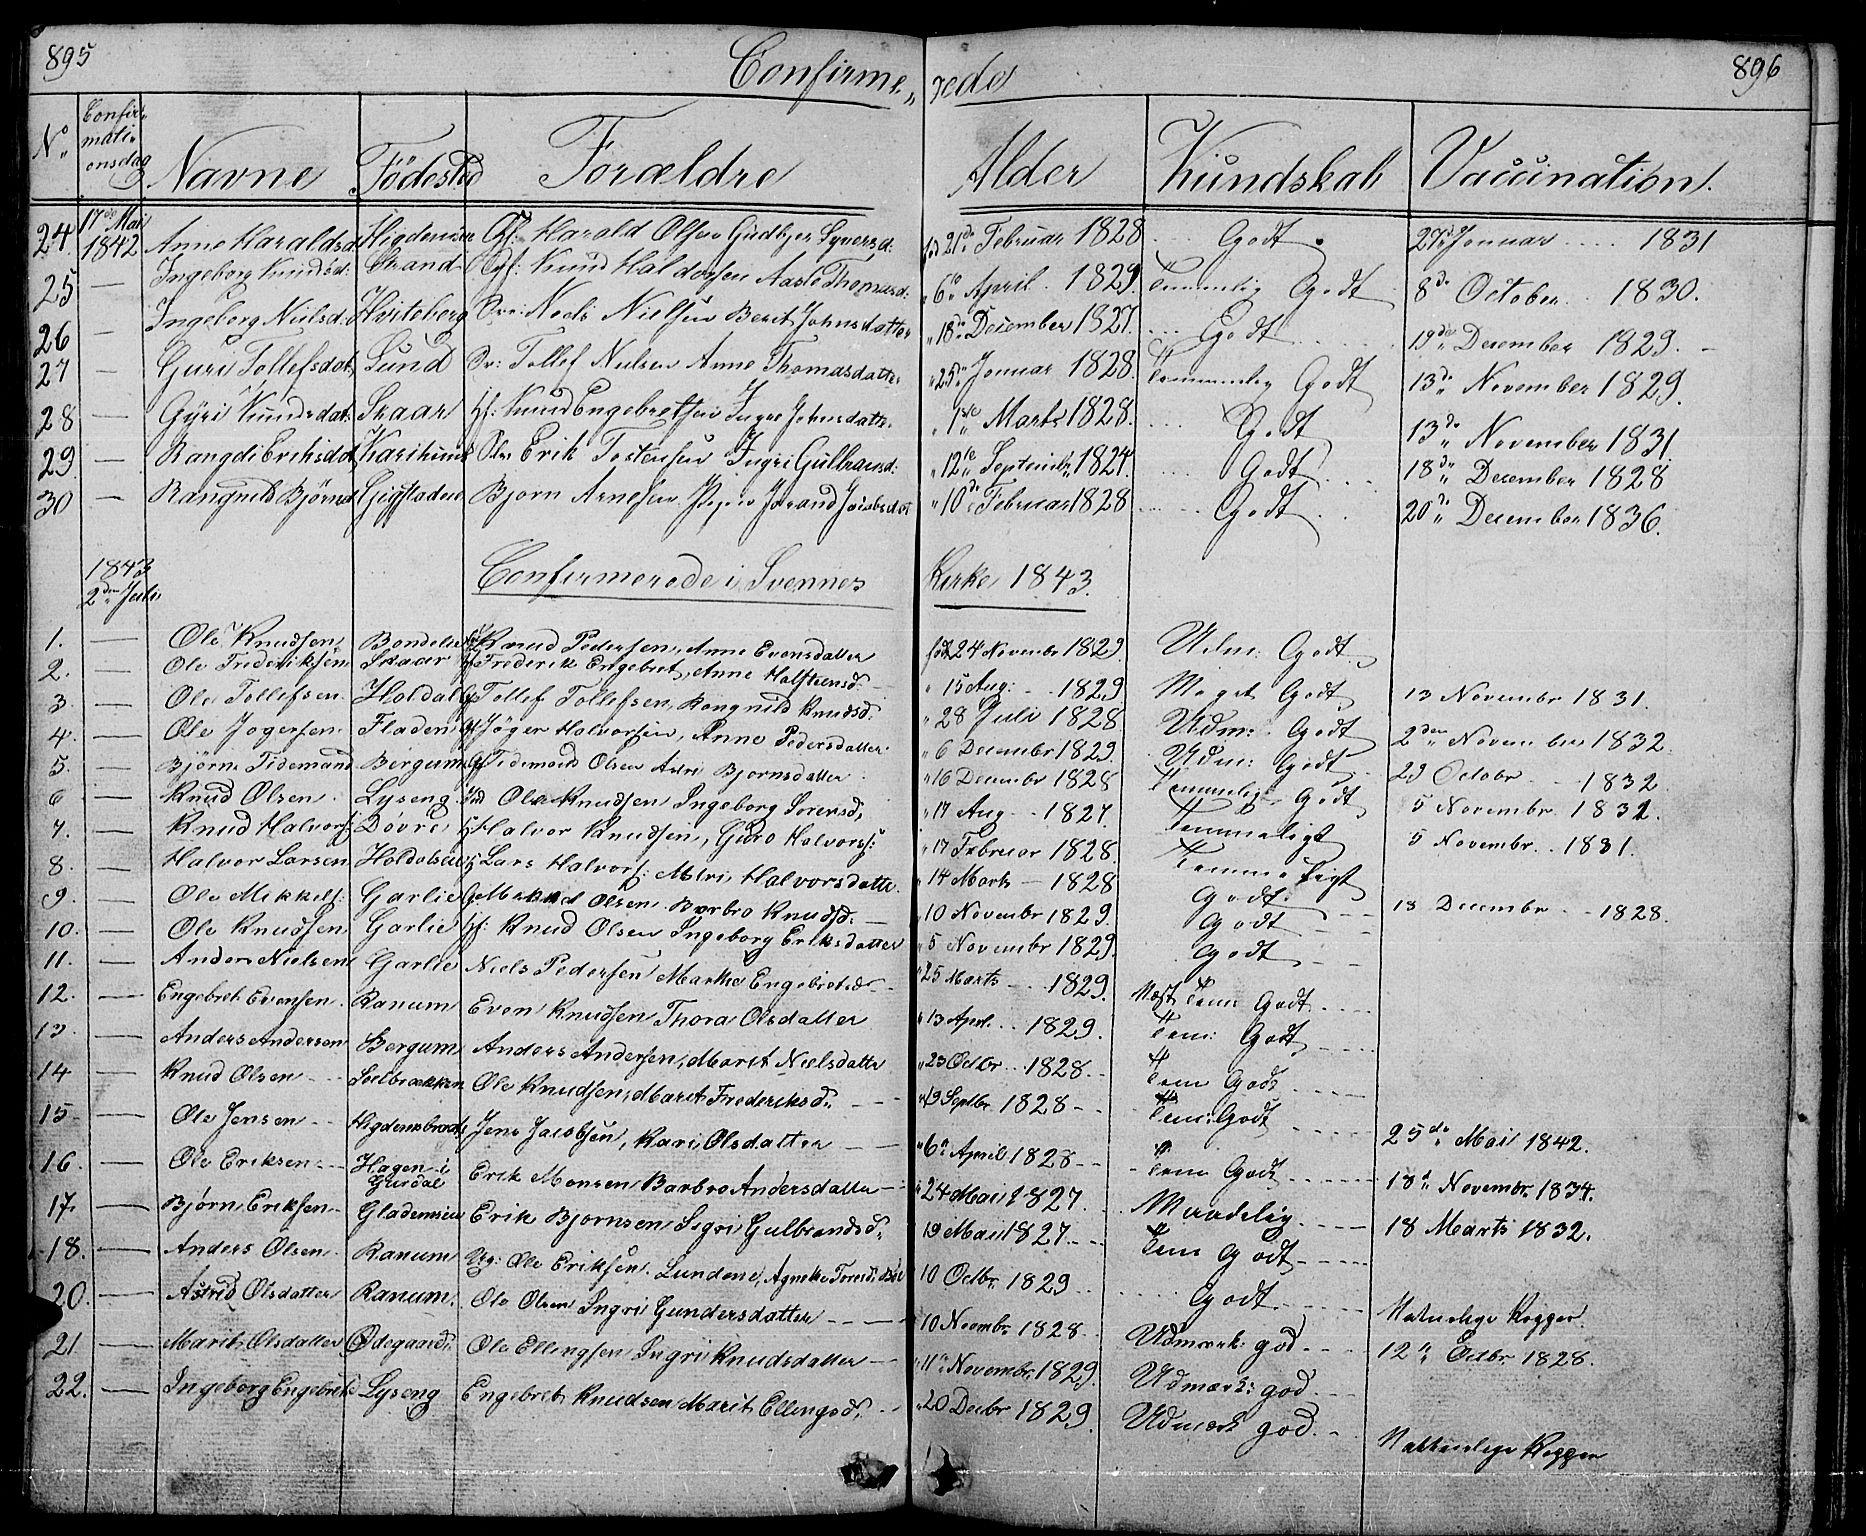 SAH, Nord-Aurdal prestekontor, Klokkerbok nr. 1, 1834-1887, s. 895-896